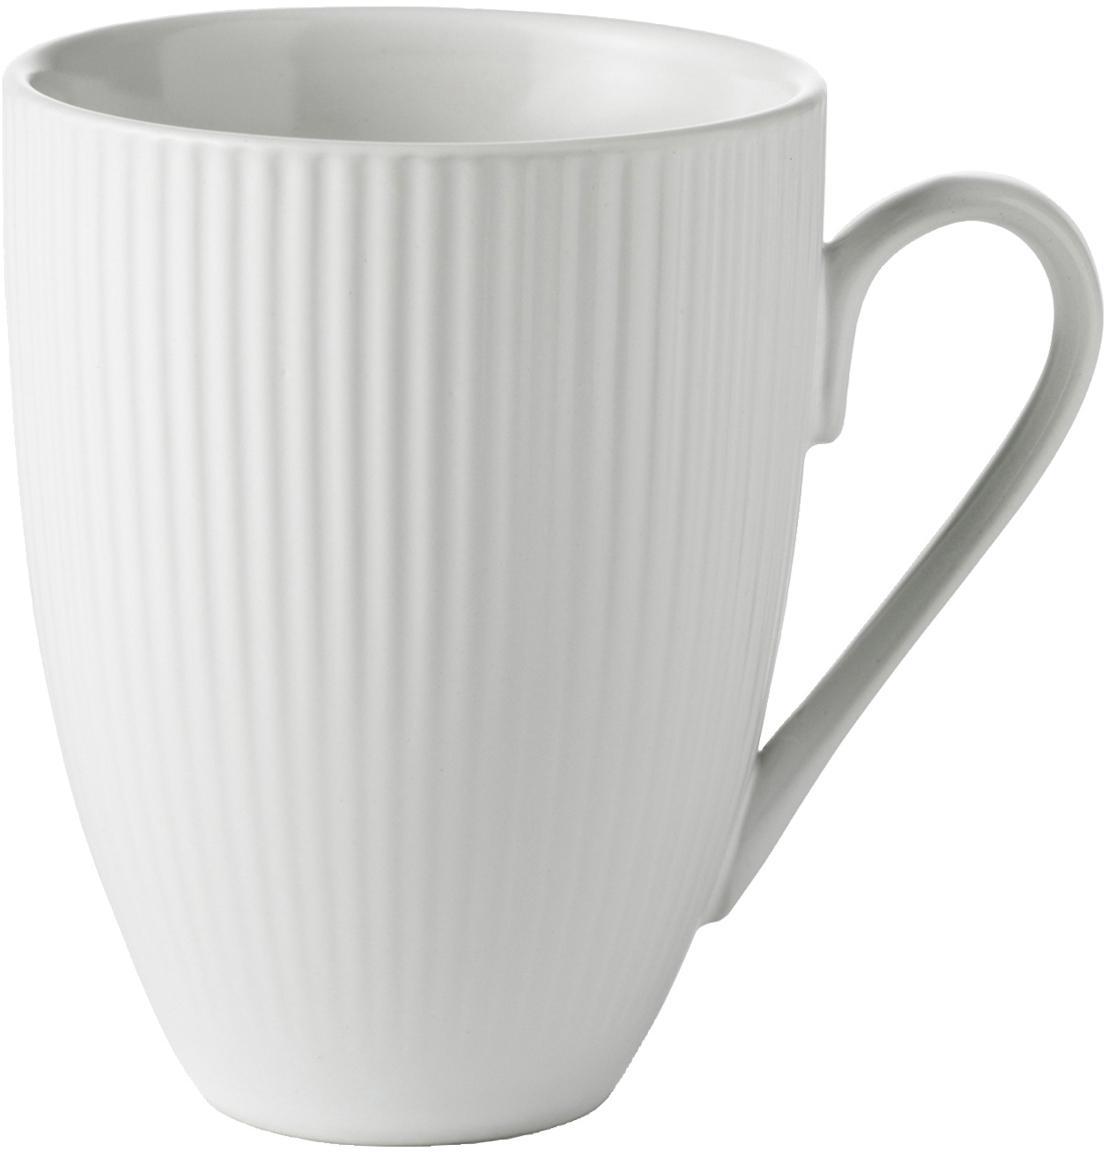 Koffiekopjes Groove, 4 stuks, Porselein, Wit, Ø 9 x H 11 cm